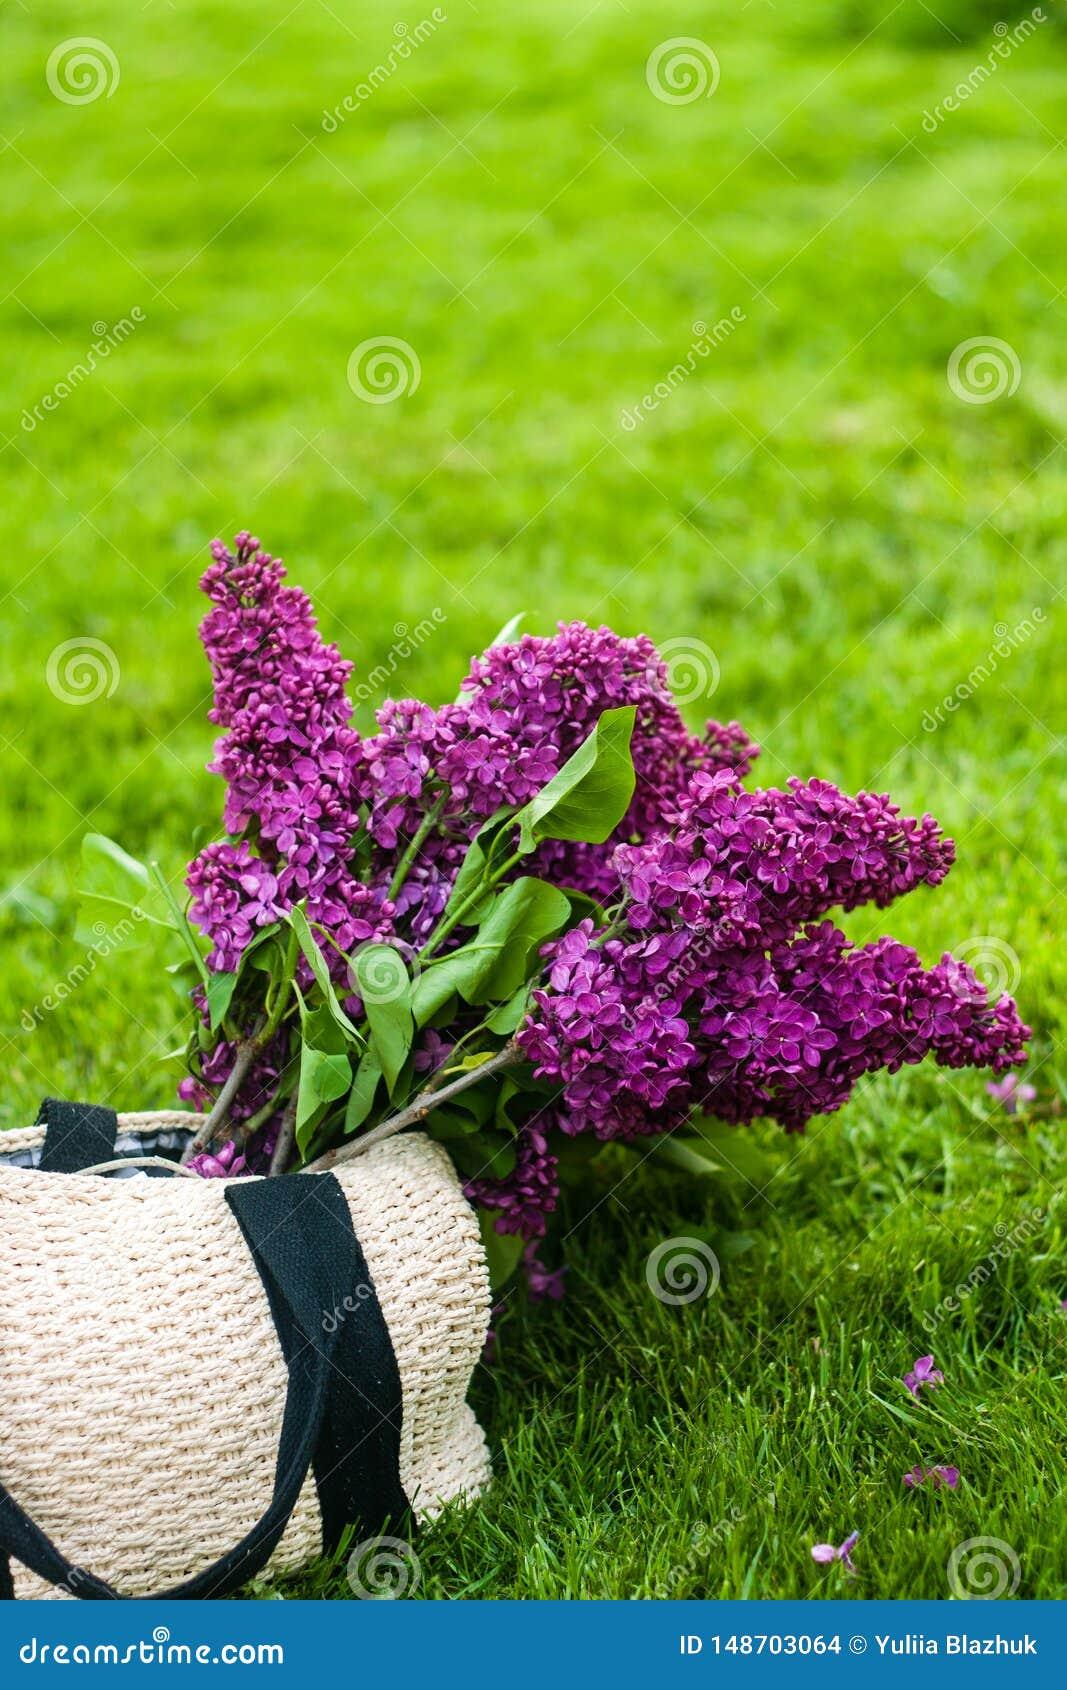 Сумка лета с яркими пурпурными цветками сирени на предпосылке зеленой травы